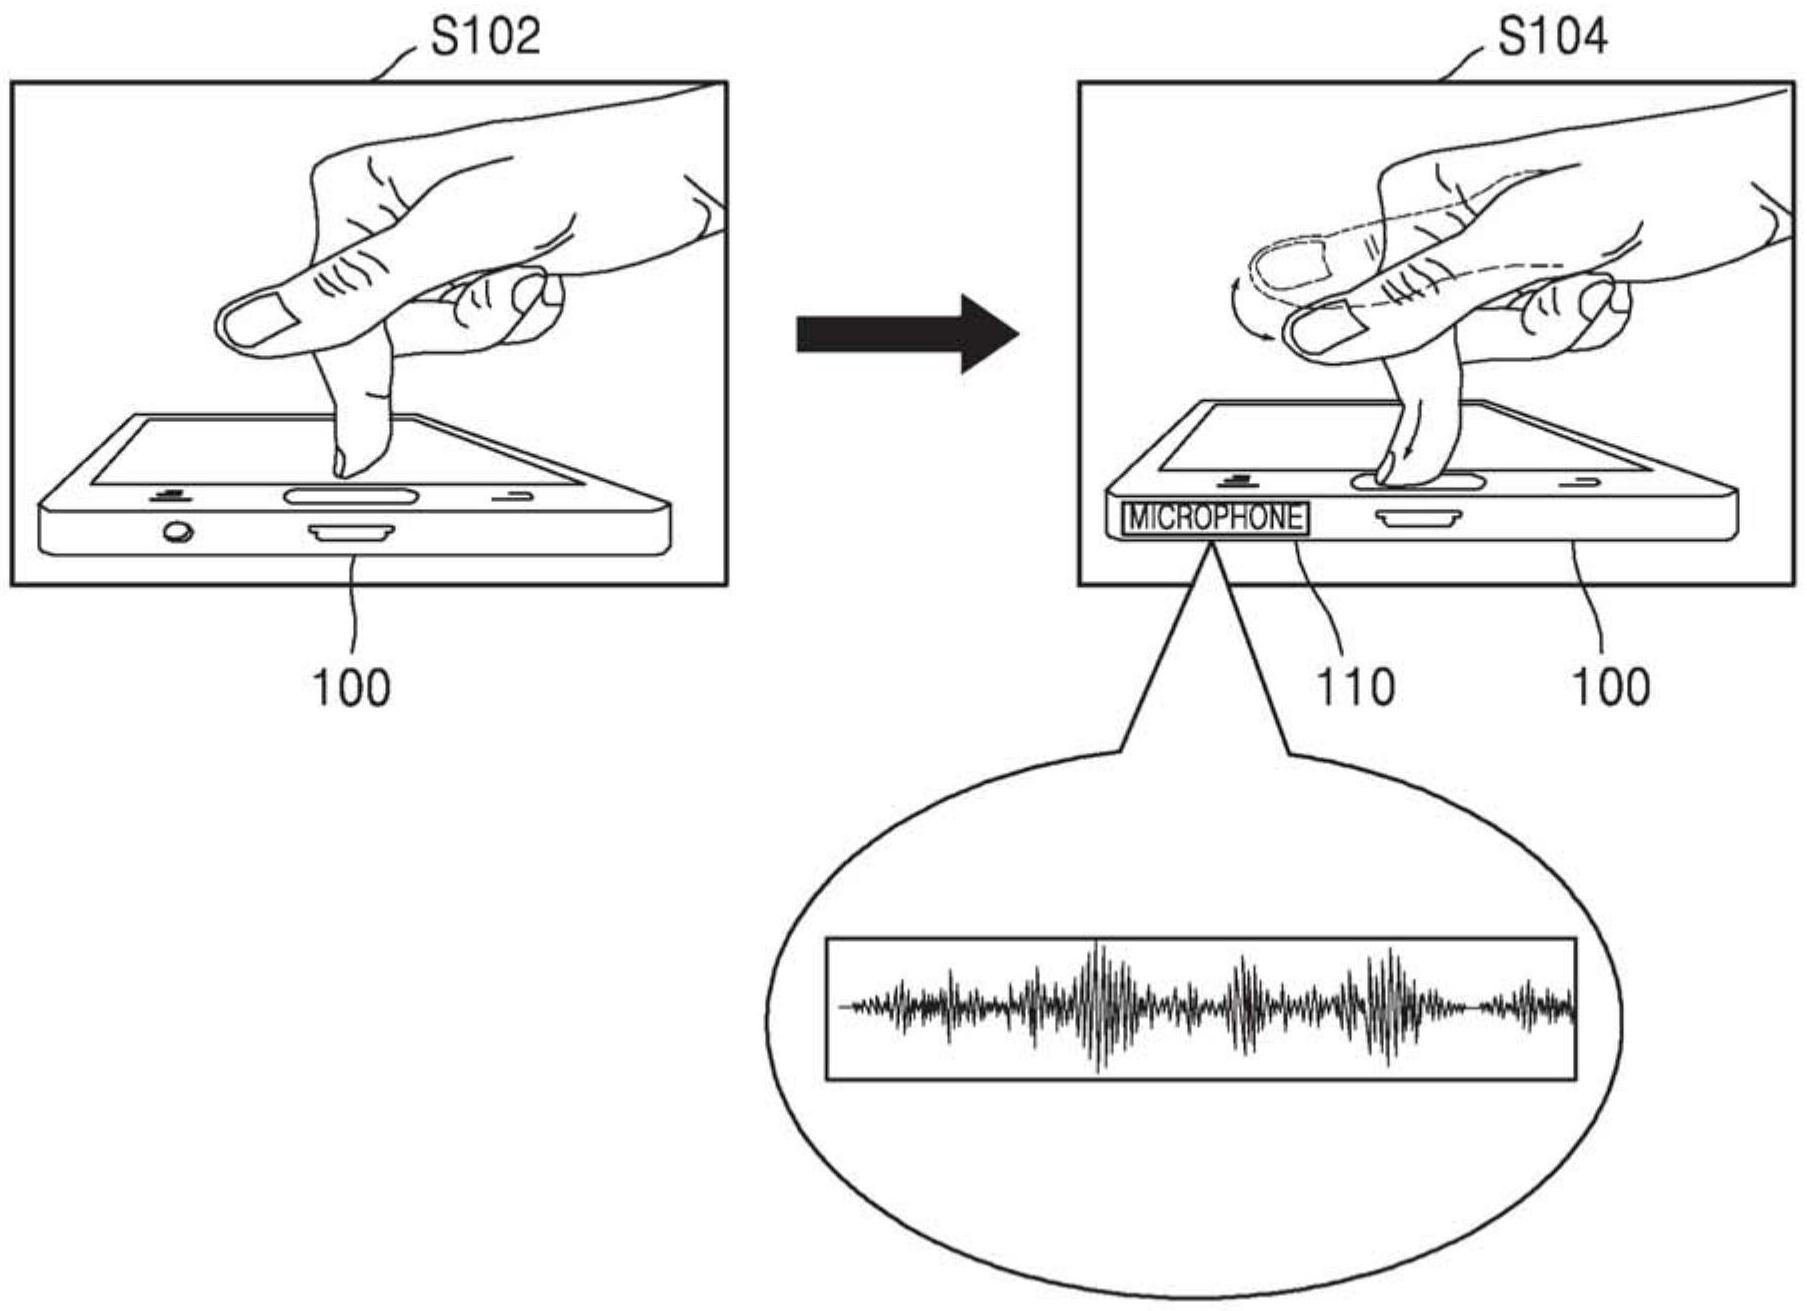 使用摩擦声音的方法和装置